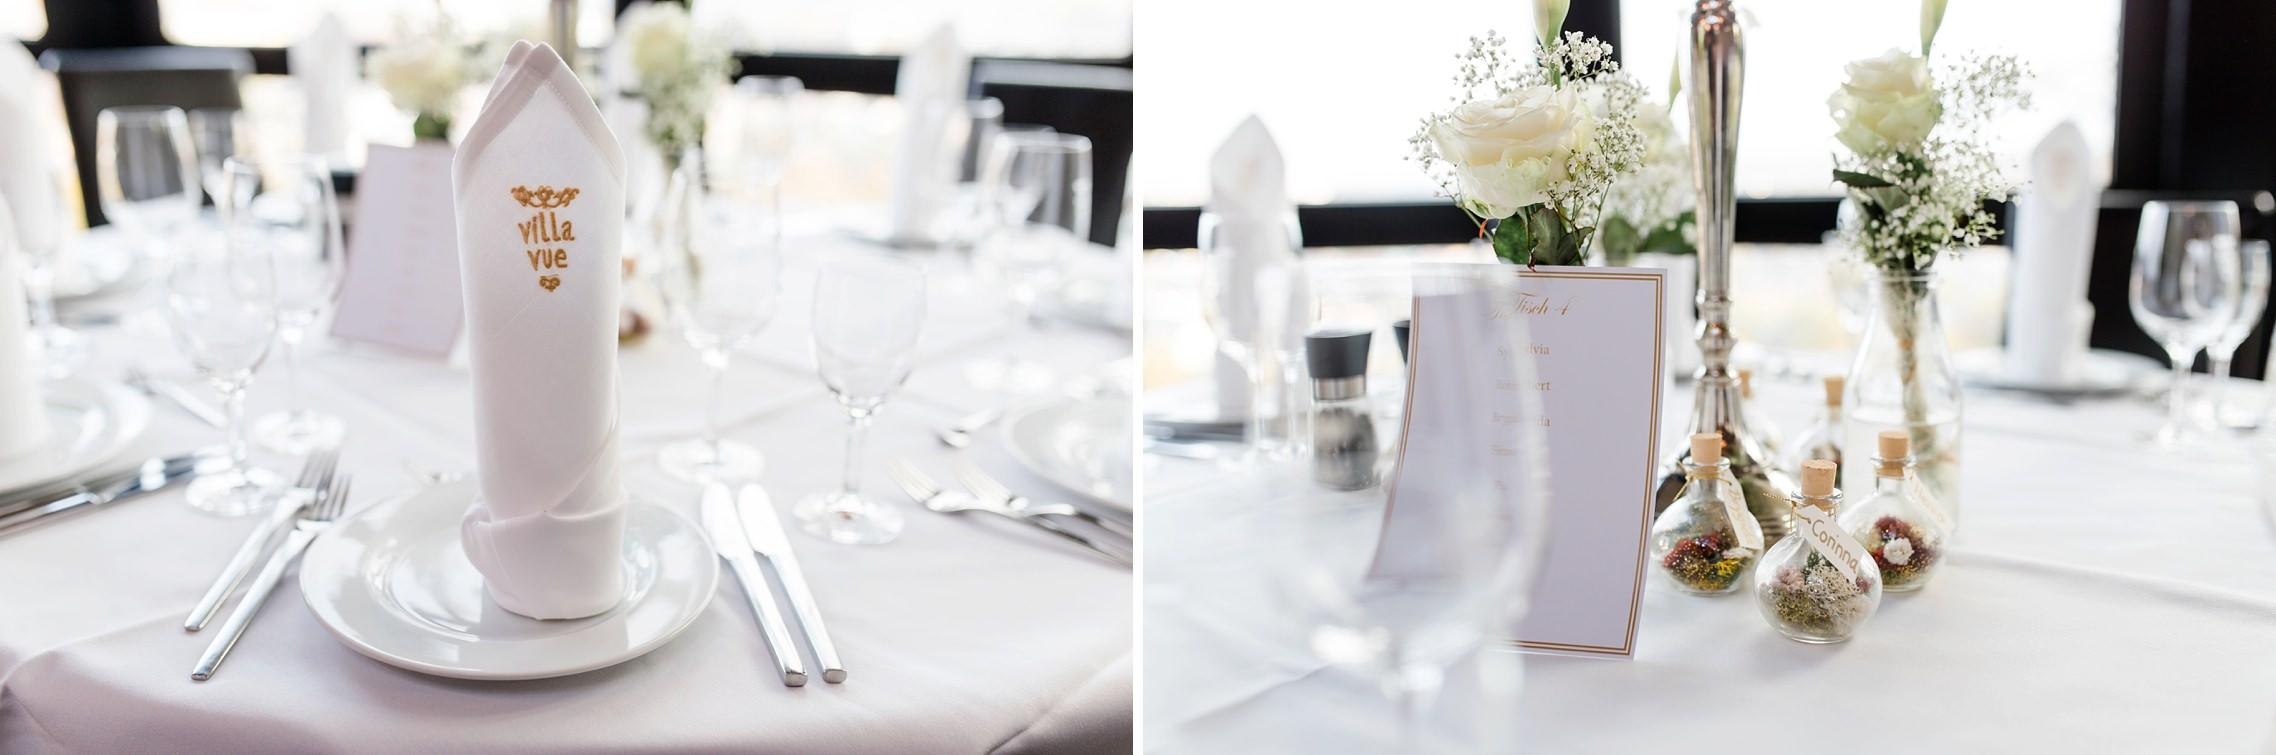 Tischgedecke und Servietten für die Hochzeitsfeier in der Villa Vue in Essen